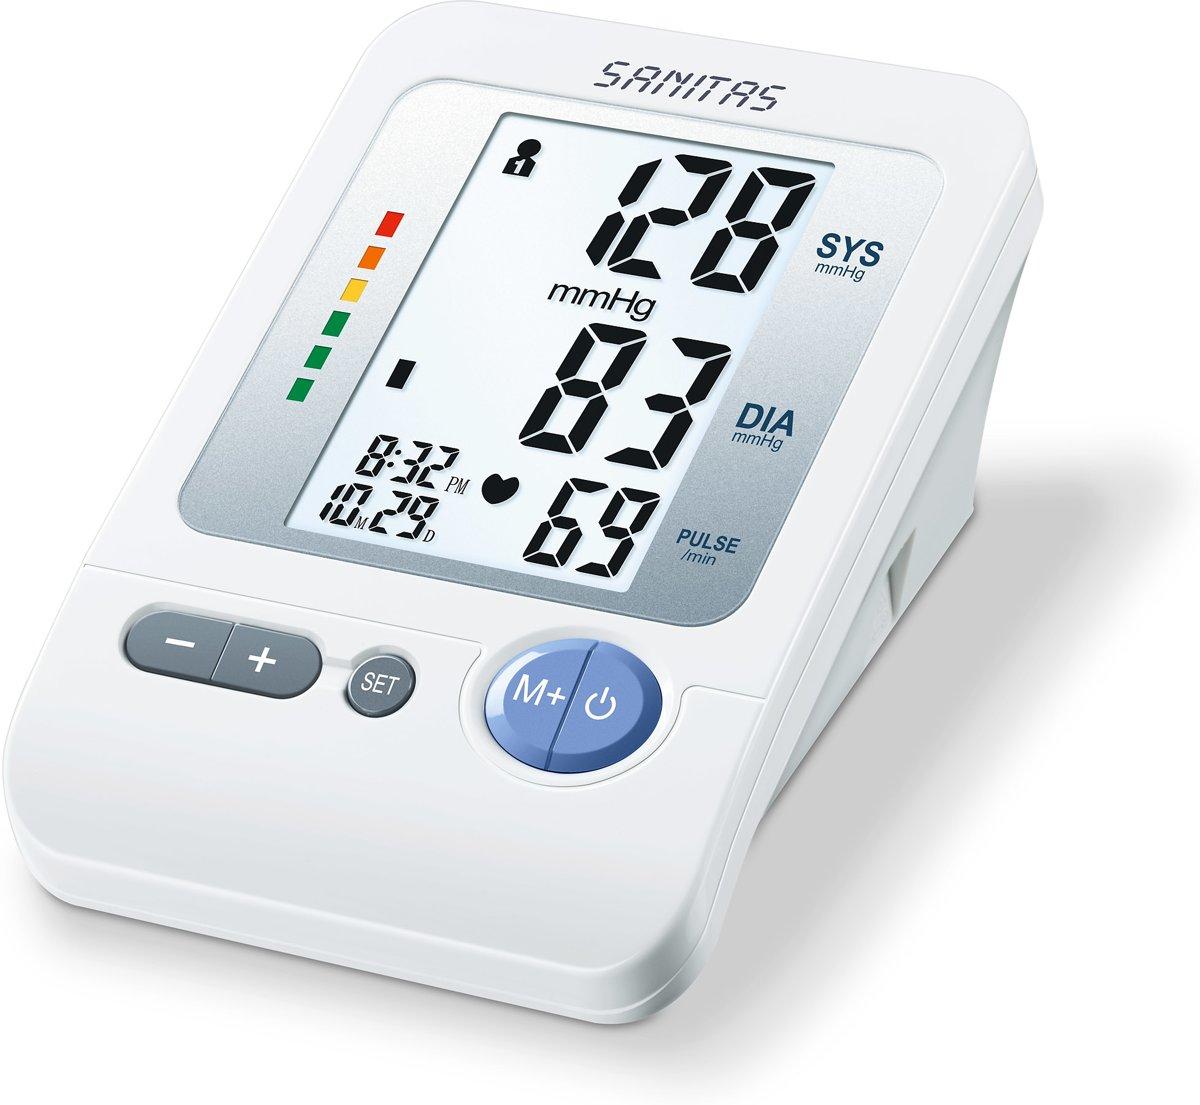 Sanitas Bloeddrukmeter SBM 21